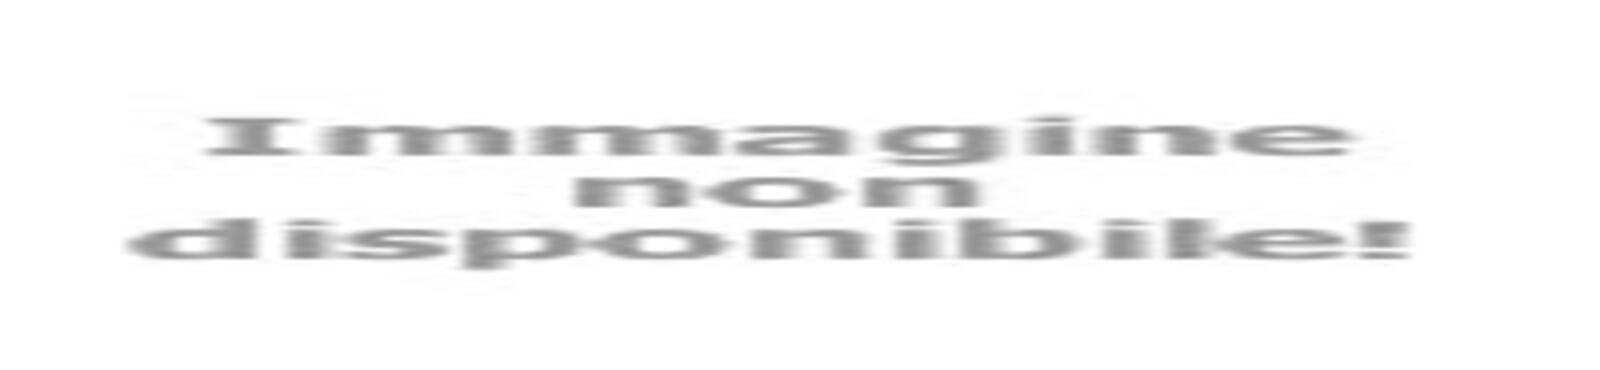 petronianaviaggi it fiesole-e-la-certosa-del-galluzzo-v254 002